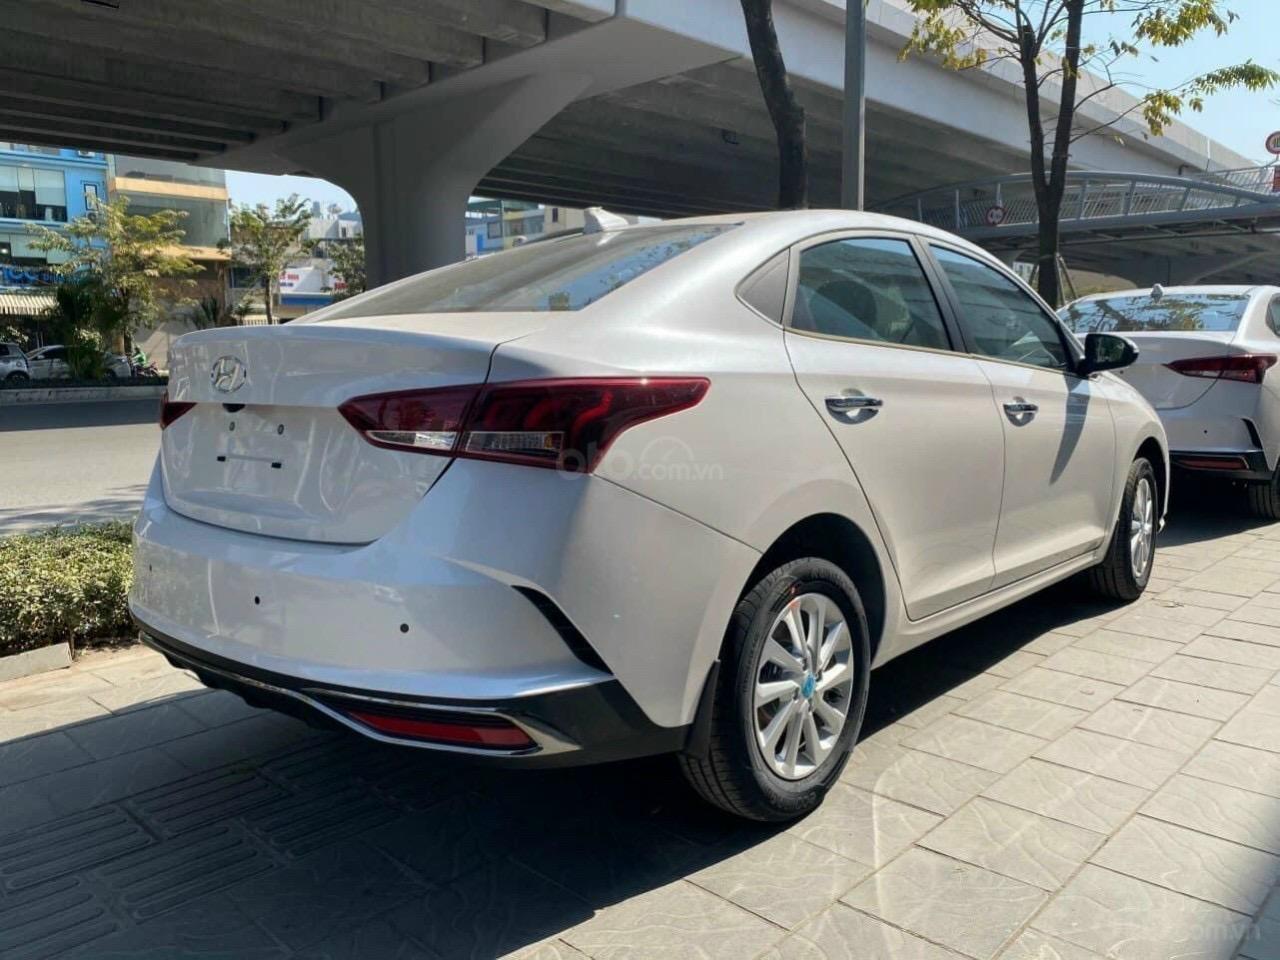 Hyundai Accent nhận xe ngay chỉ với 150tr đồng (2)